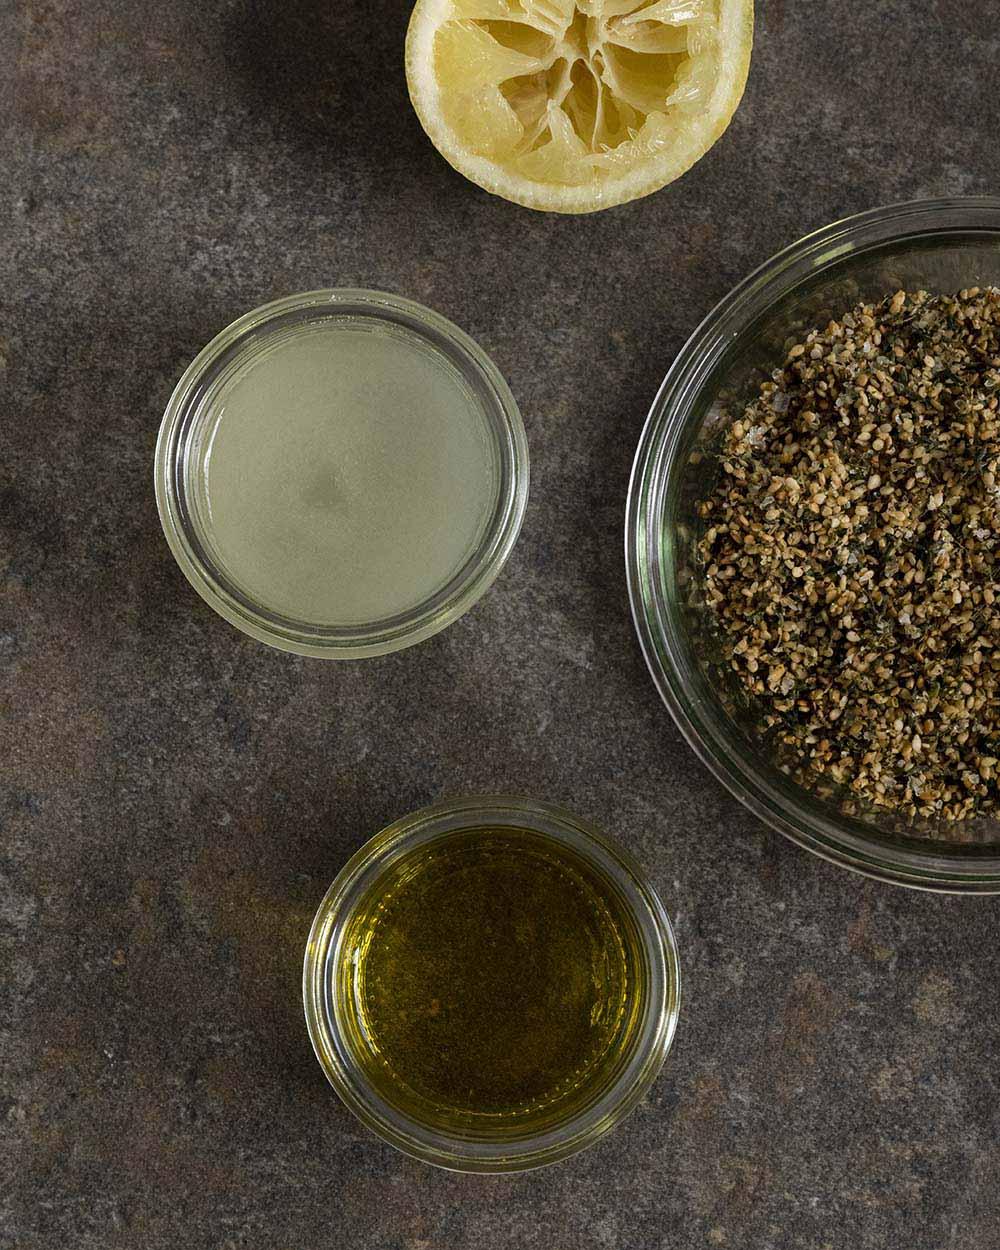 In einer Schüssel ist unser selbstgemachtes Zatar-Gewürz zu sehen. Daneben stehen zwei Gläser mit ausgepresstem Zitronensaft und Olivenöl, Zutaten, mit denen wir unser Gewrz gleich vermischen.